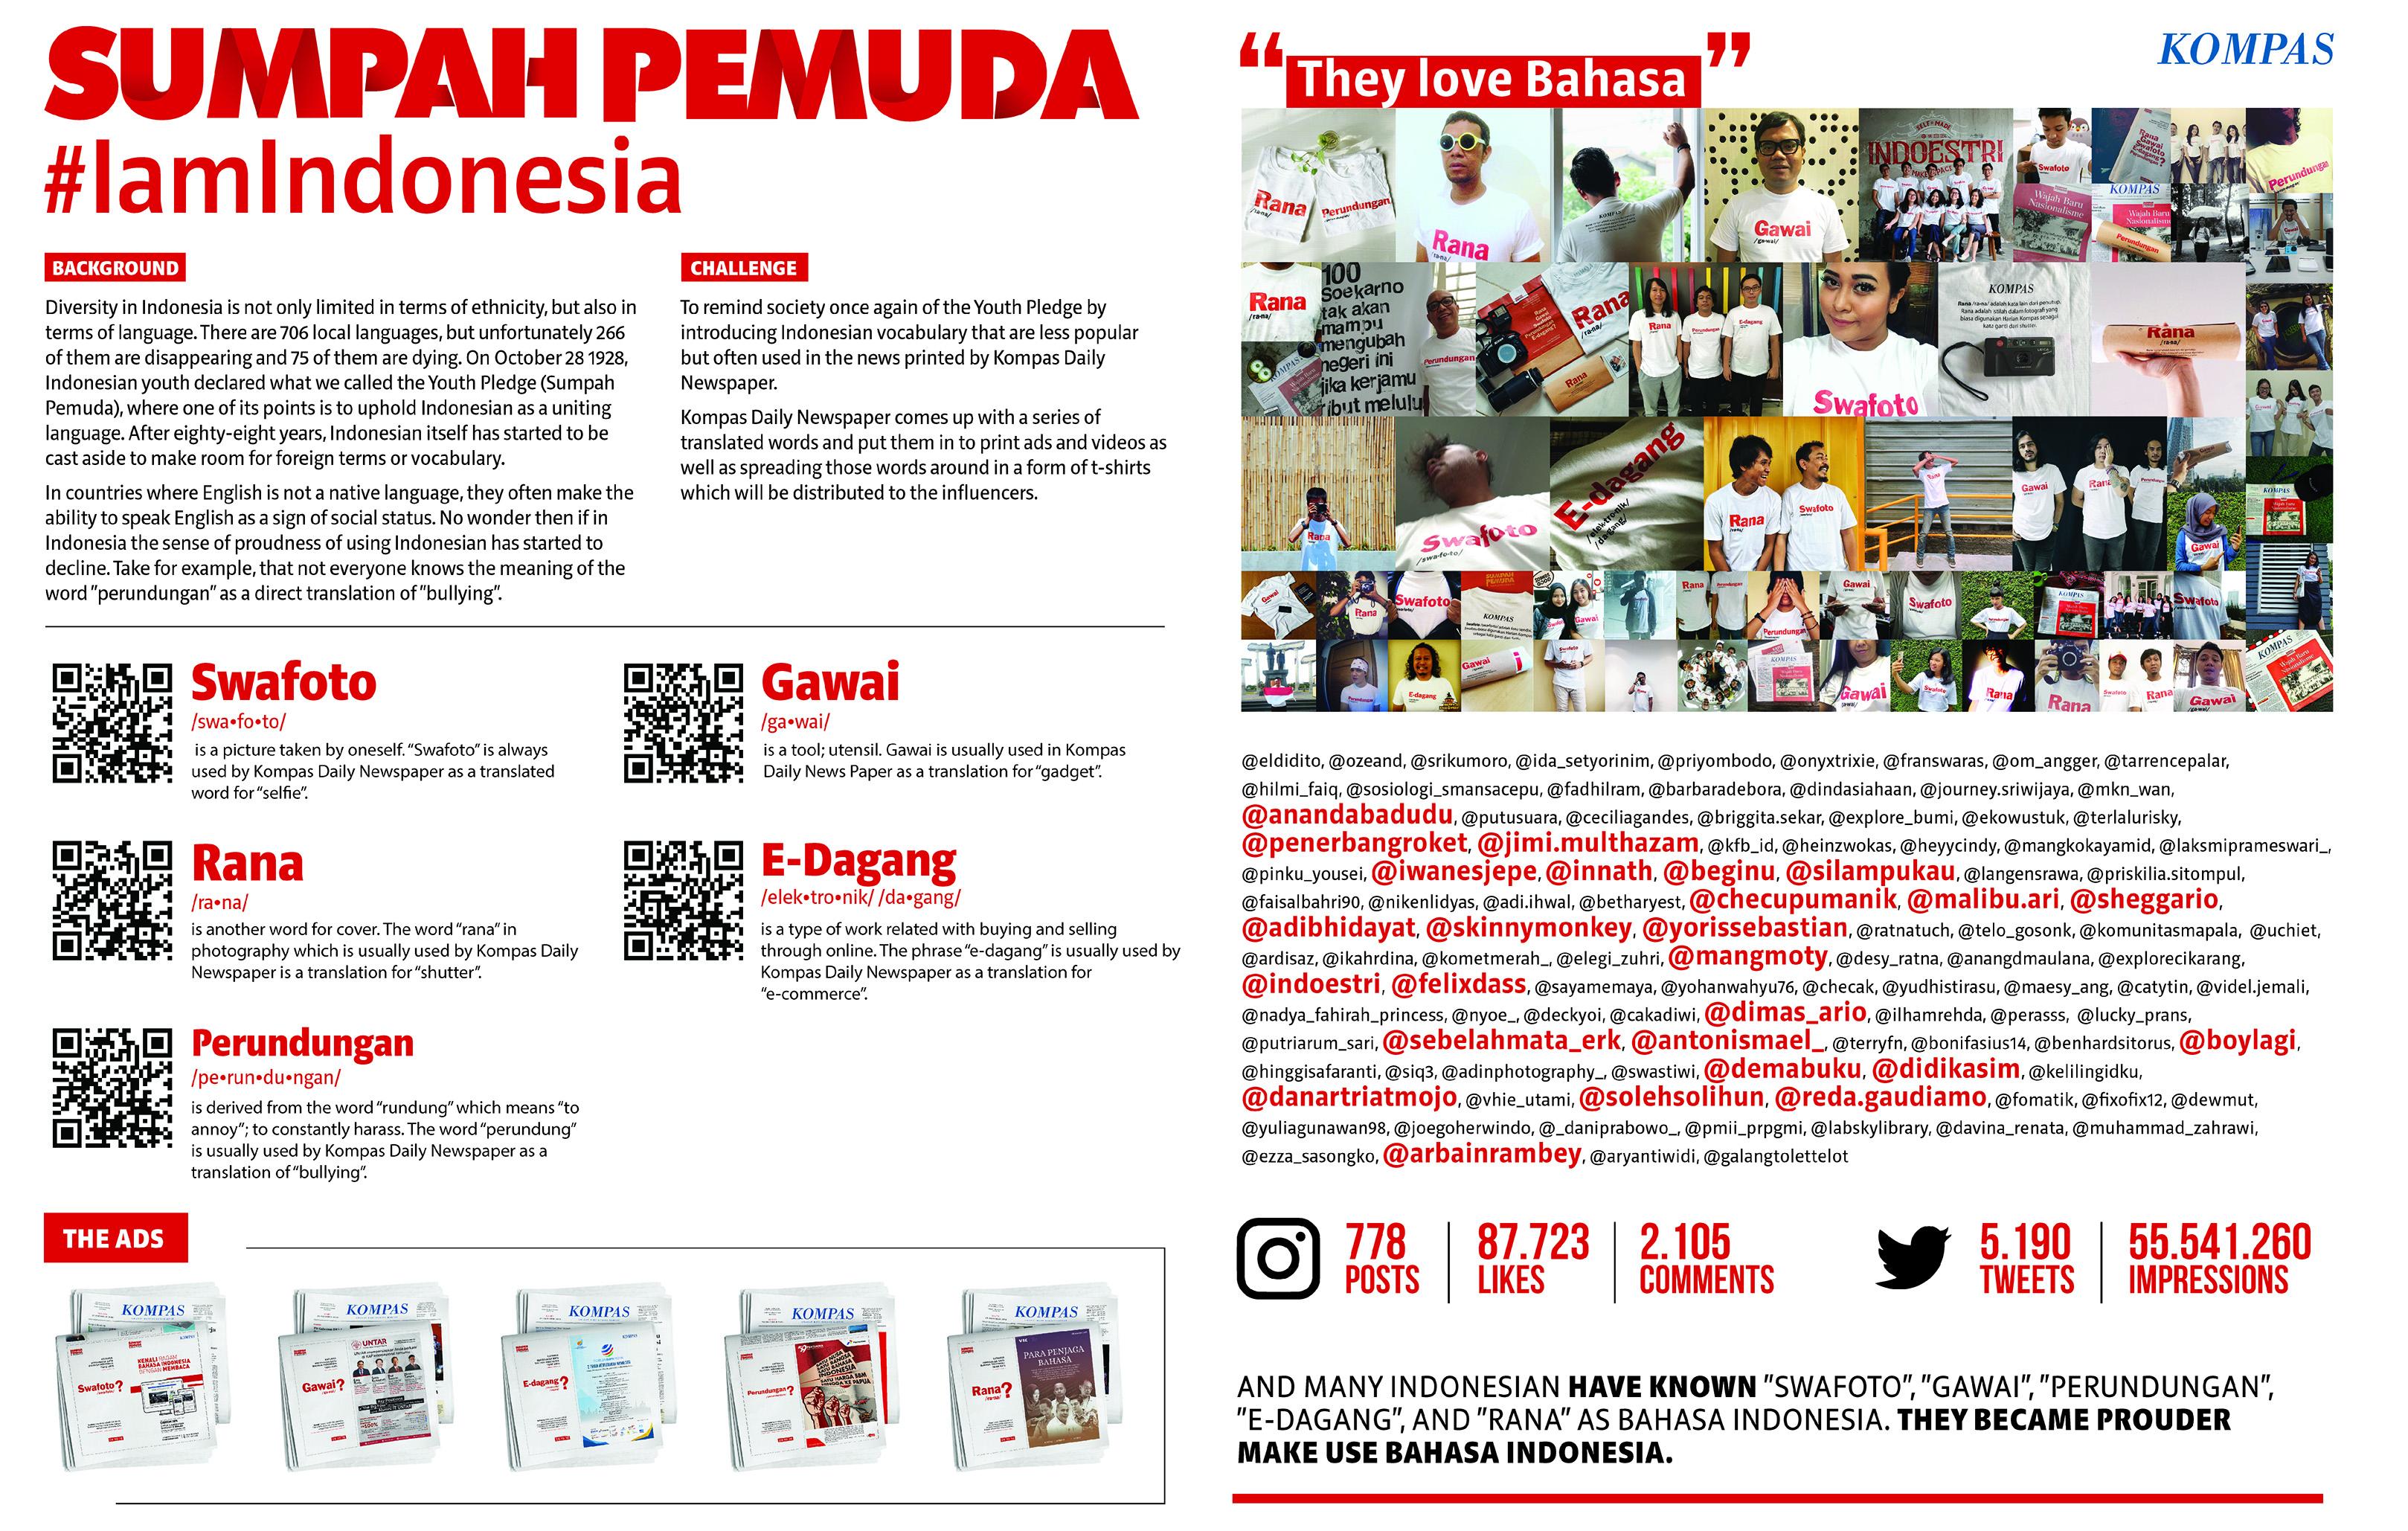 #AkuIndonesia (I am Indonesian)